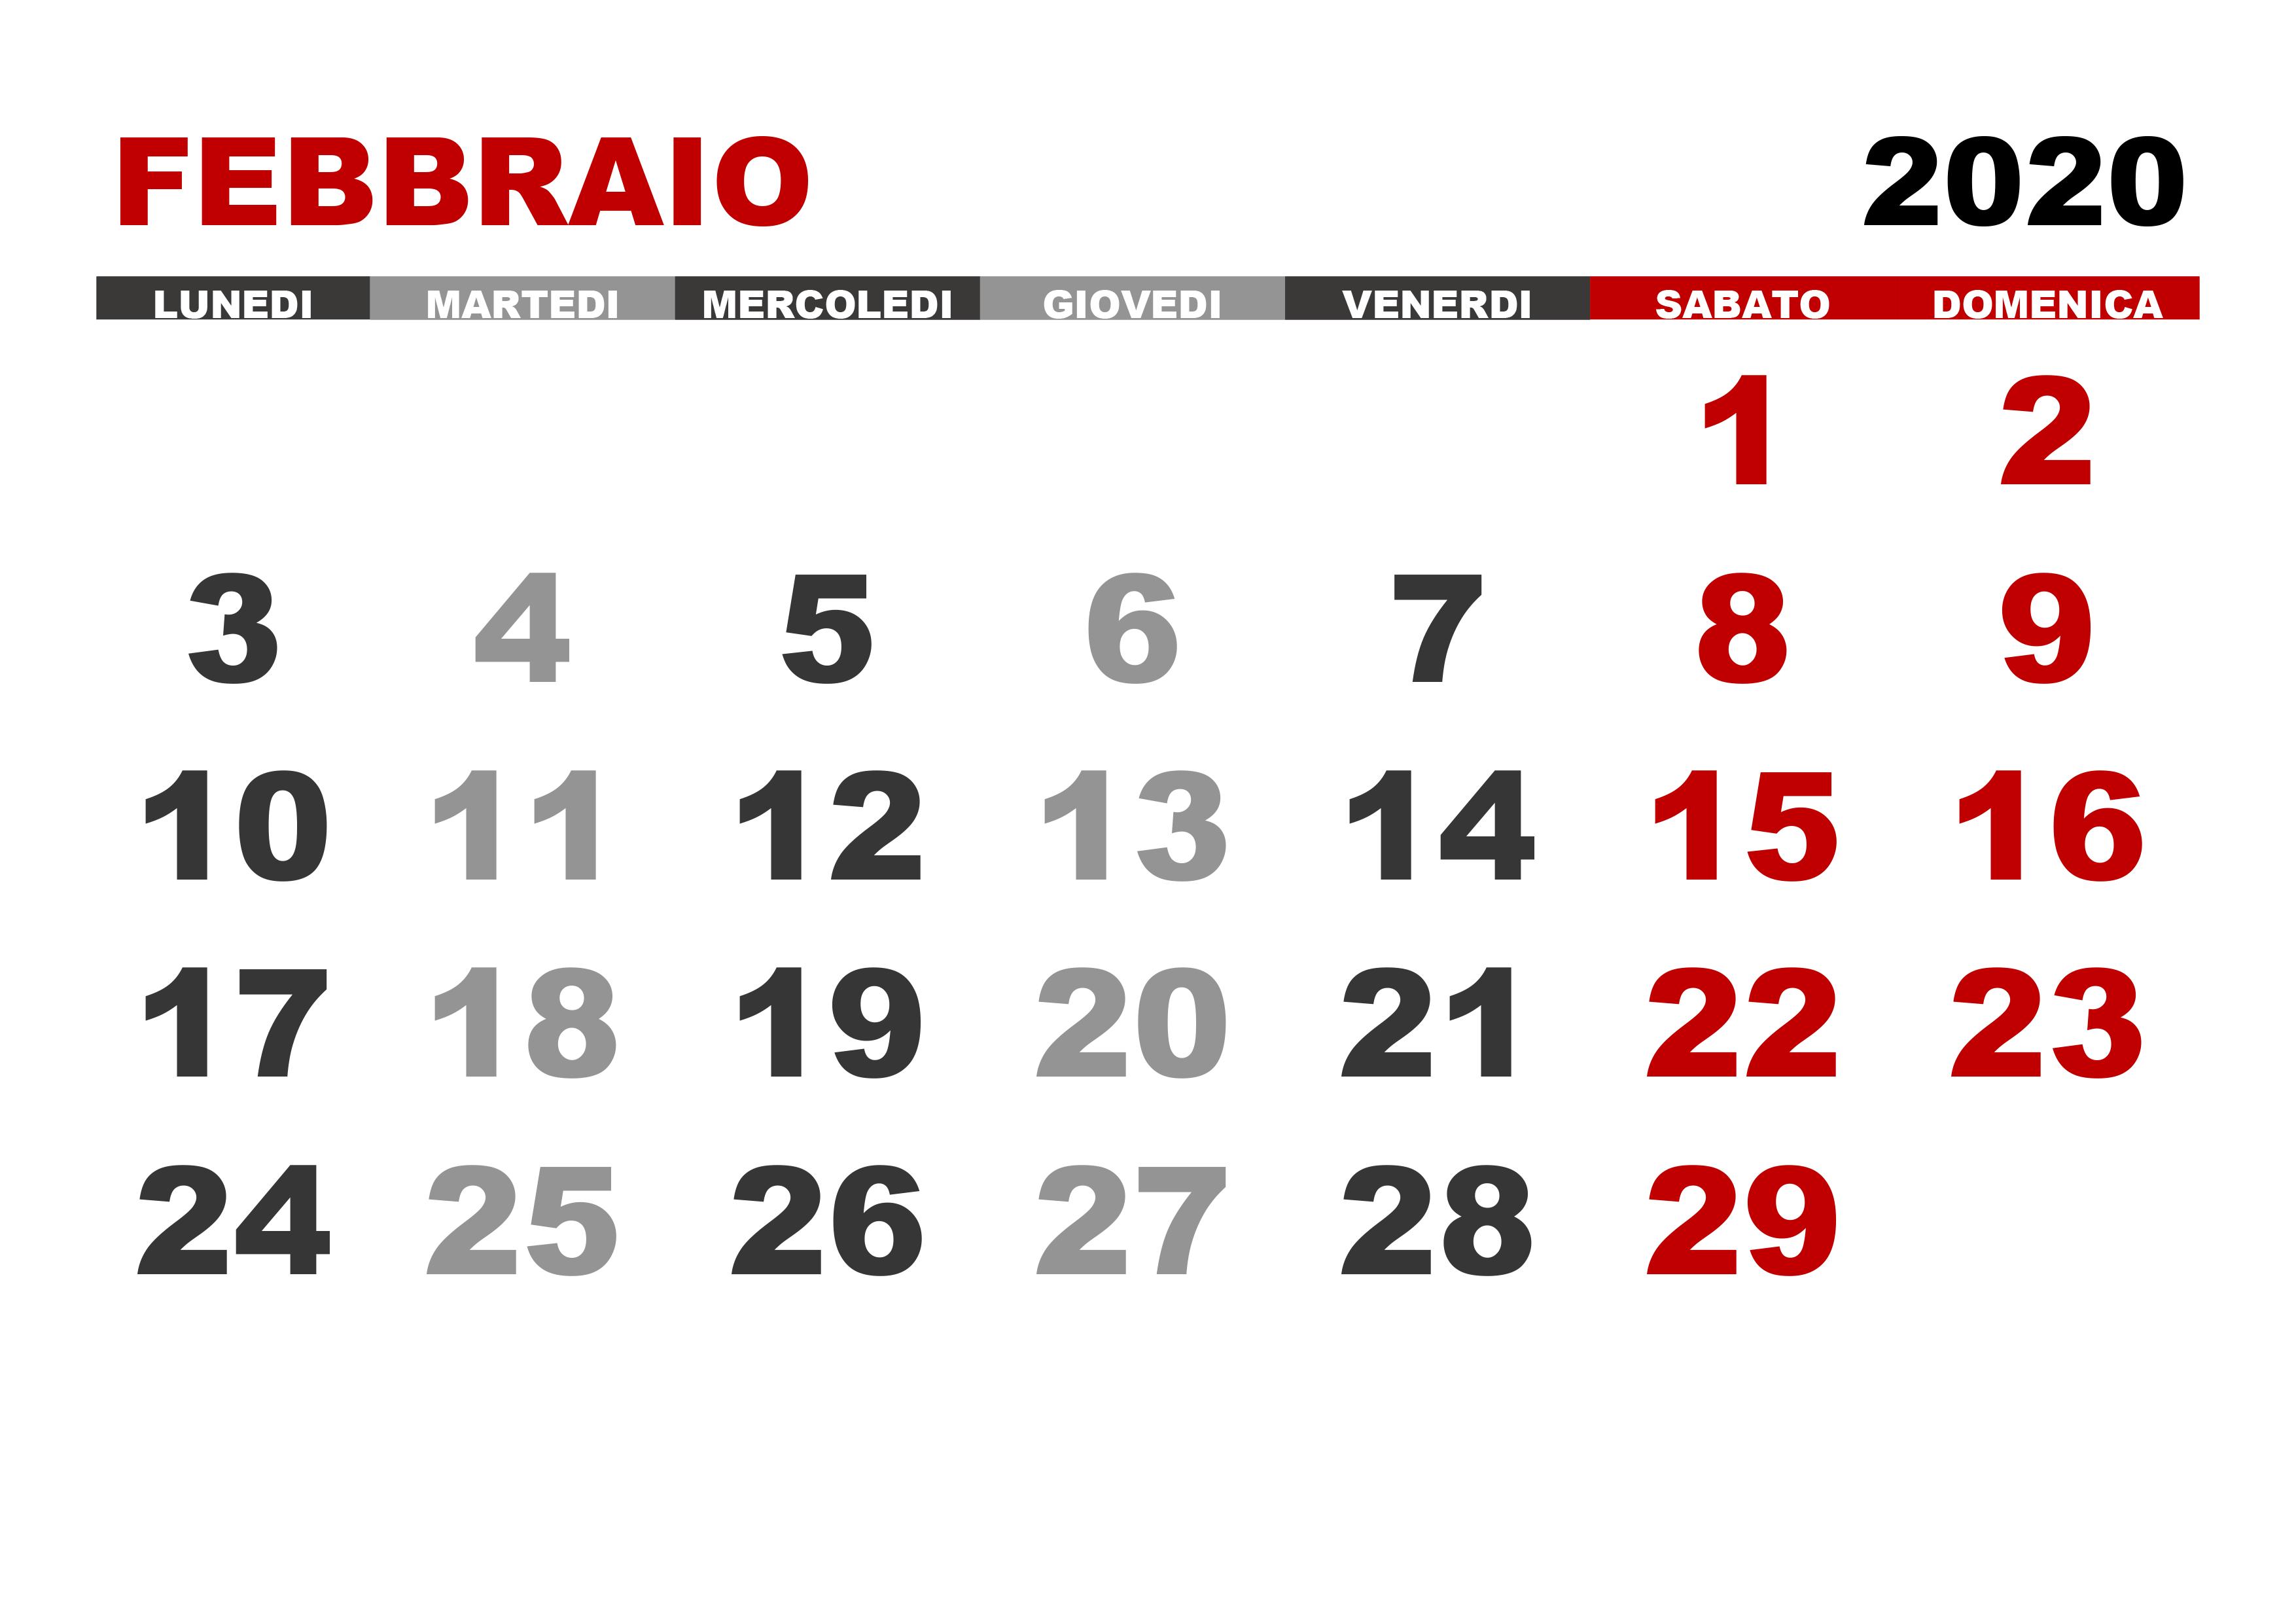 Calendario Novembre E Dicembre 2020.Calendario Febbraio 2020 Calendario Su